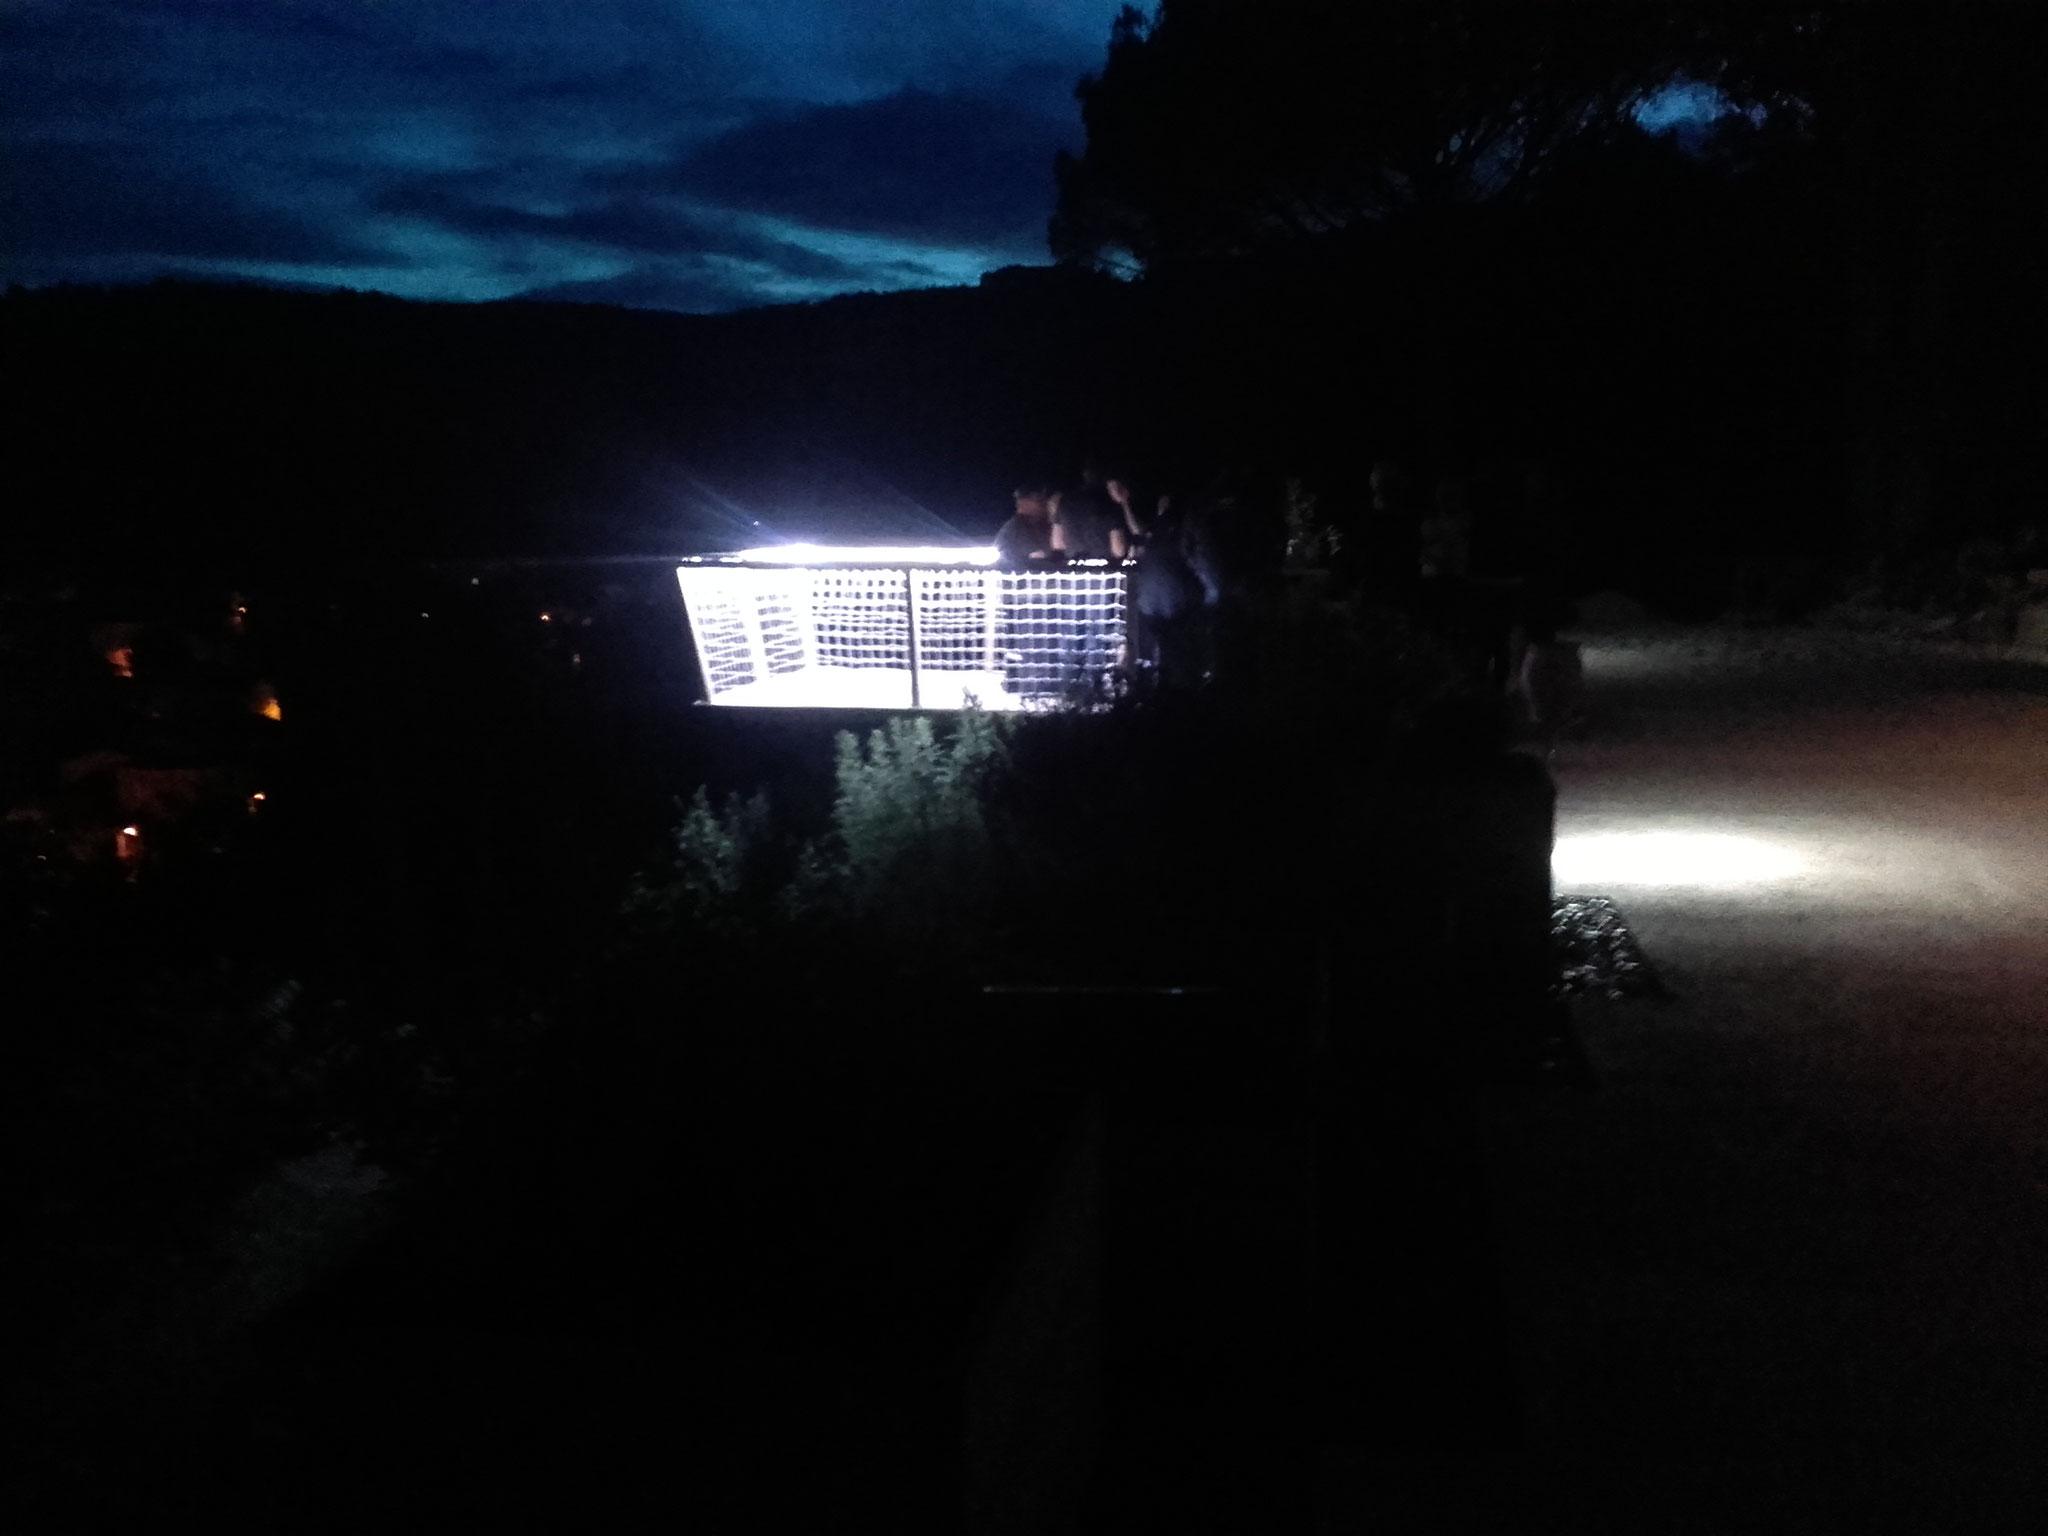 Dés la tombée de la nuit, le belvédère s'habille de mille feux...